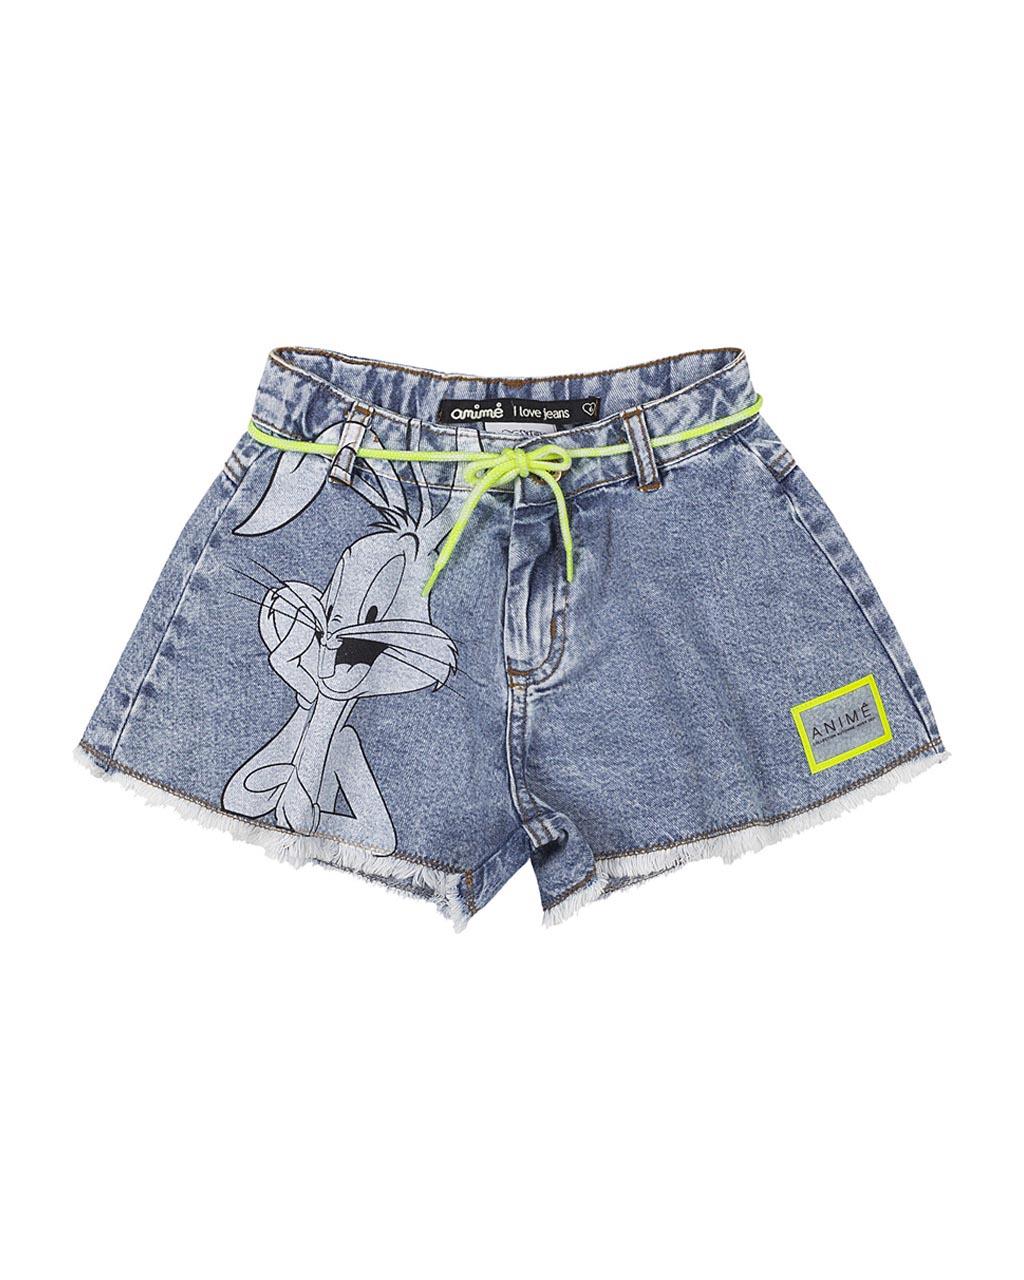 Shorts Jeans Infantil Pernalonga Animê